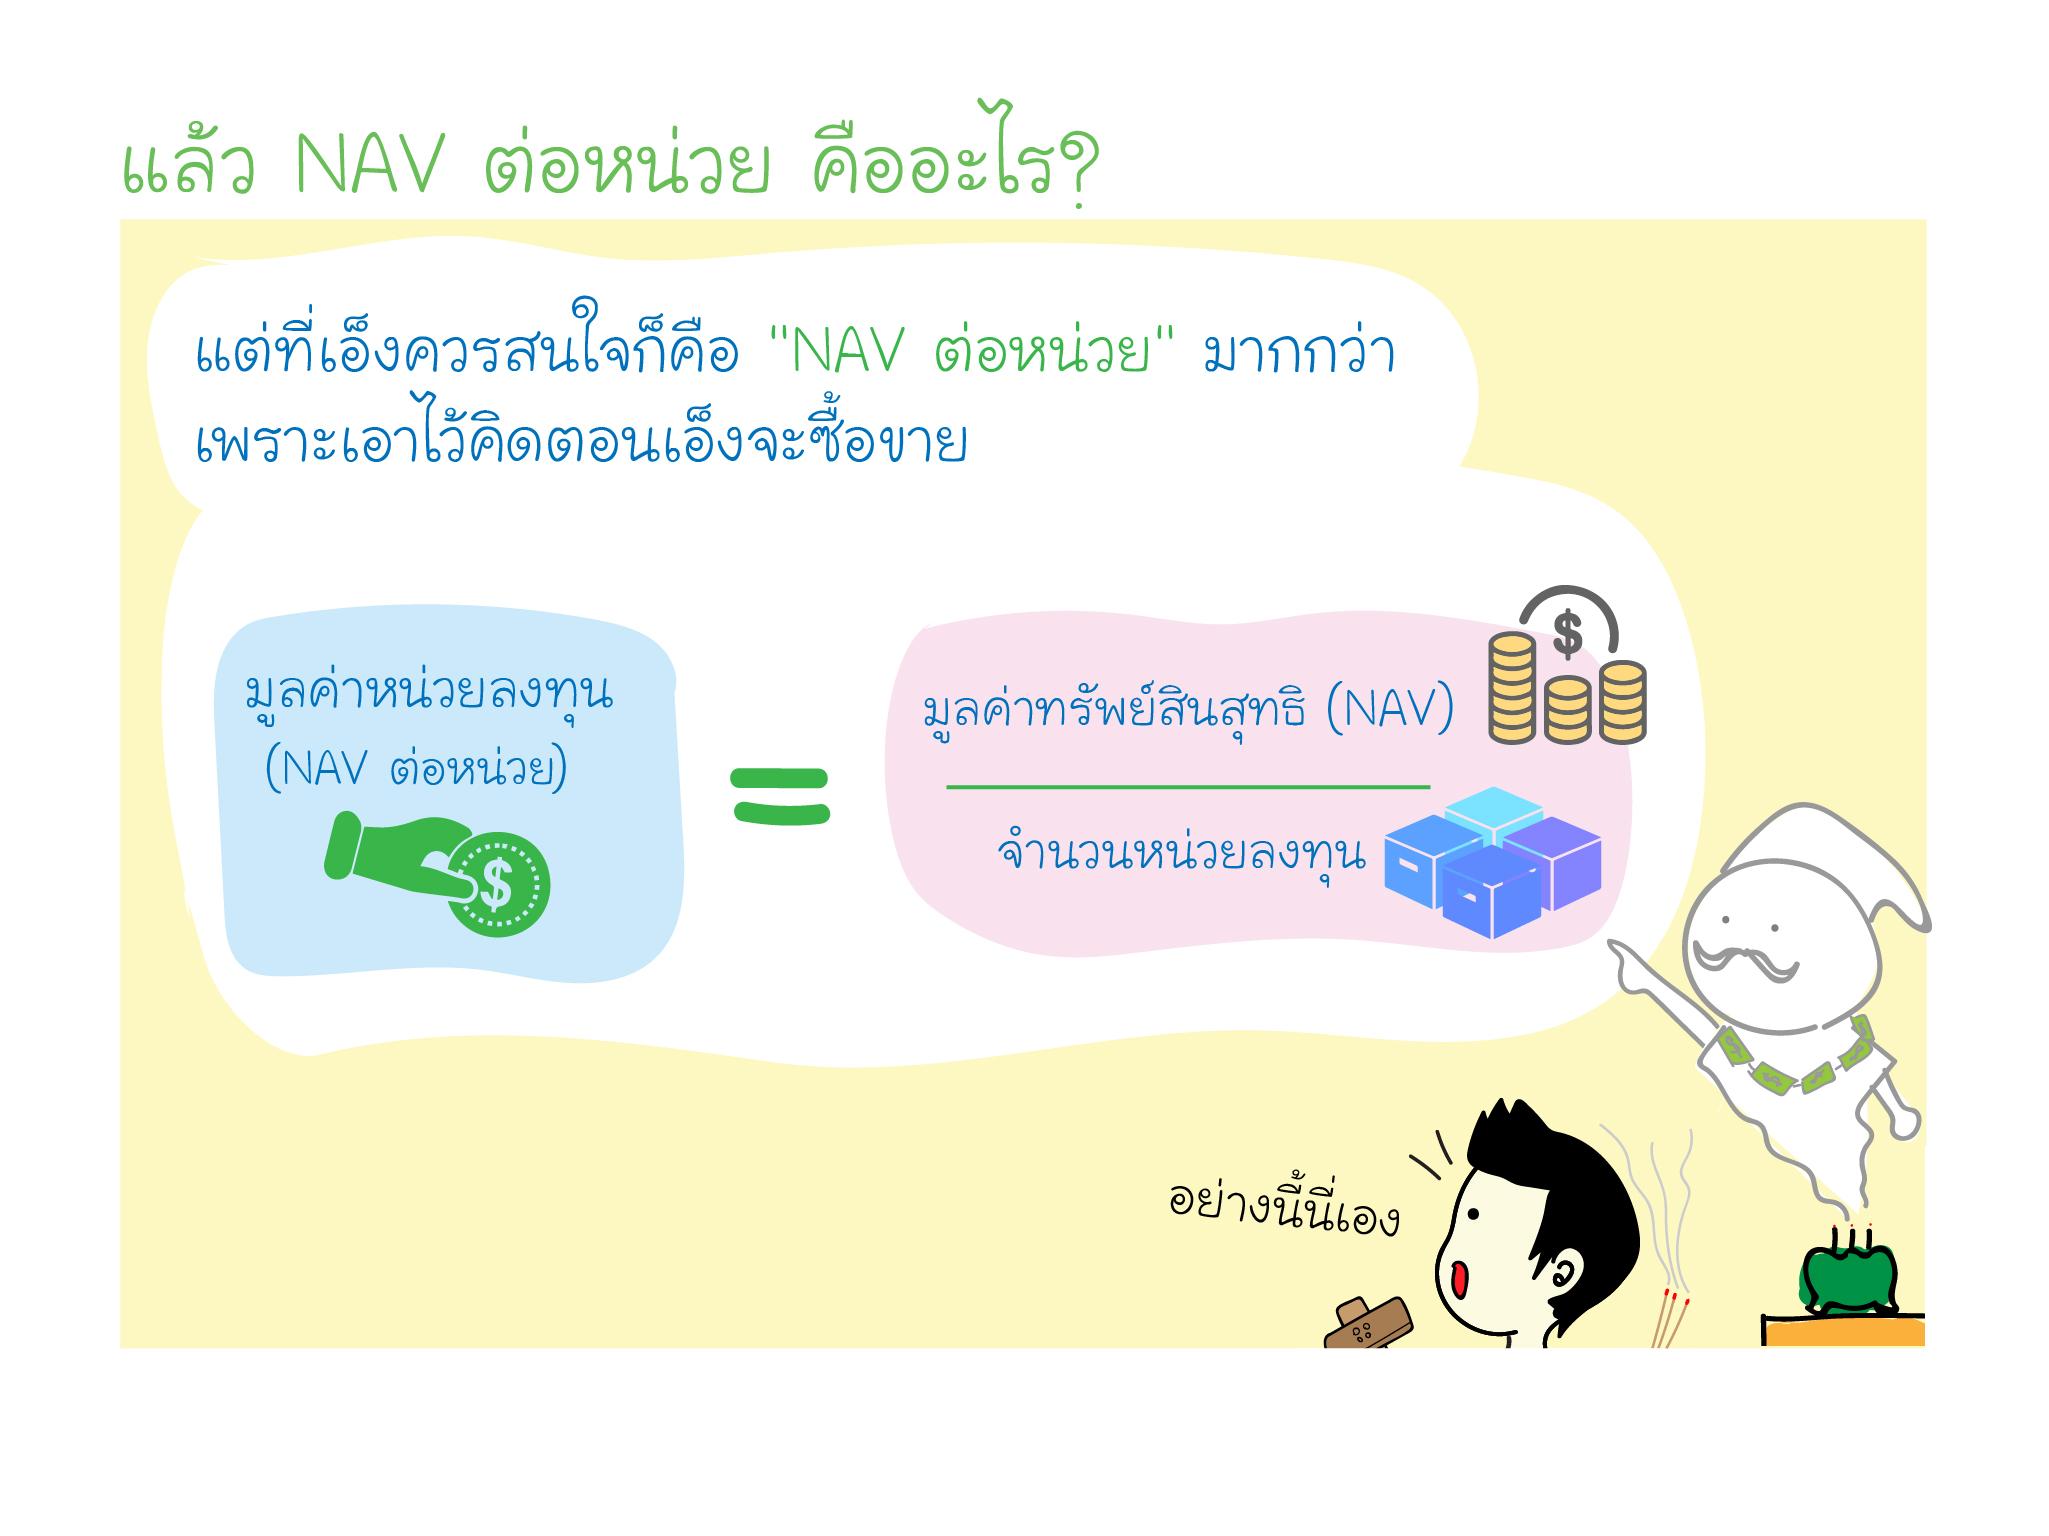 อยากซื้อกองทุน NAV คืออะไร? เลือกยังไง? ศาลเจ้าพ่อลงทุน จะบอกให้